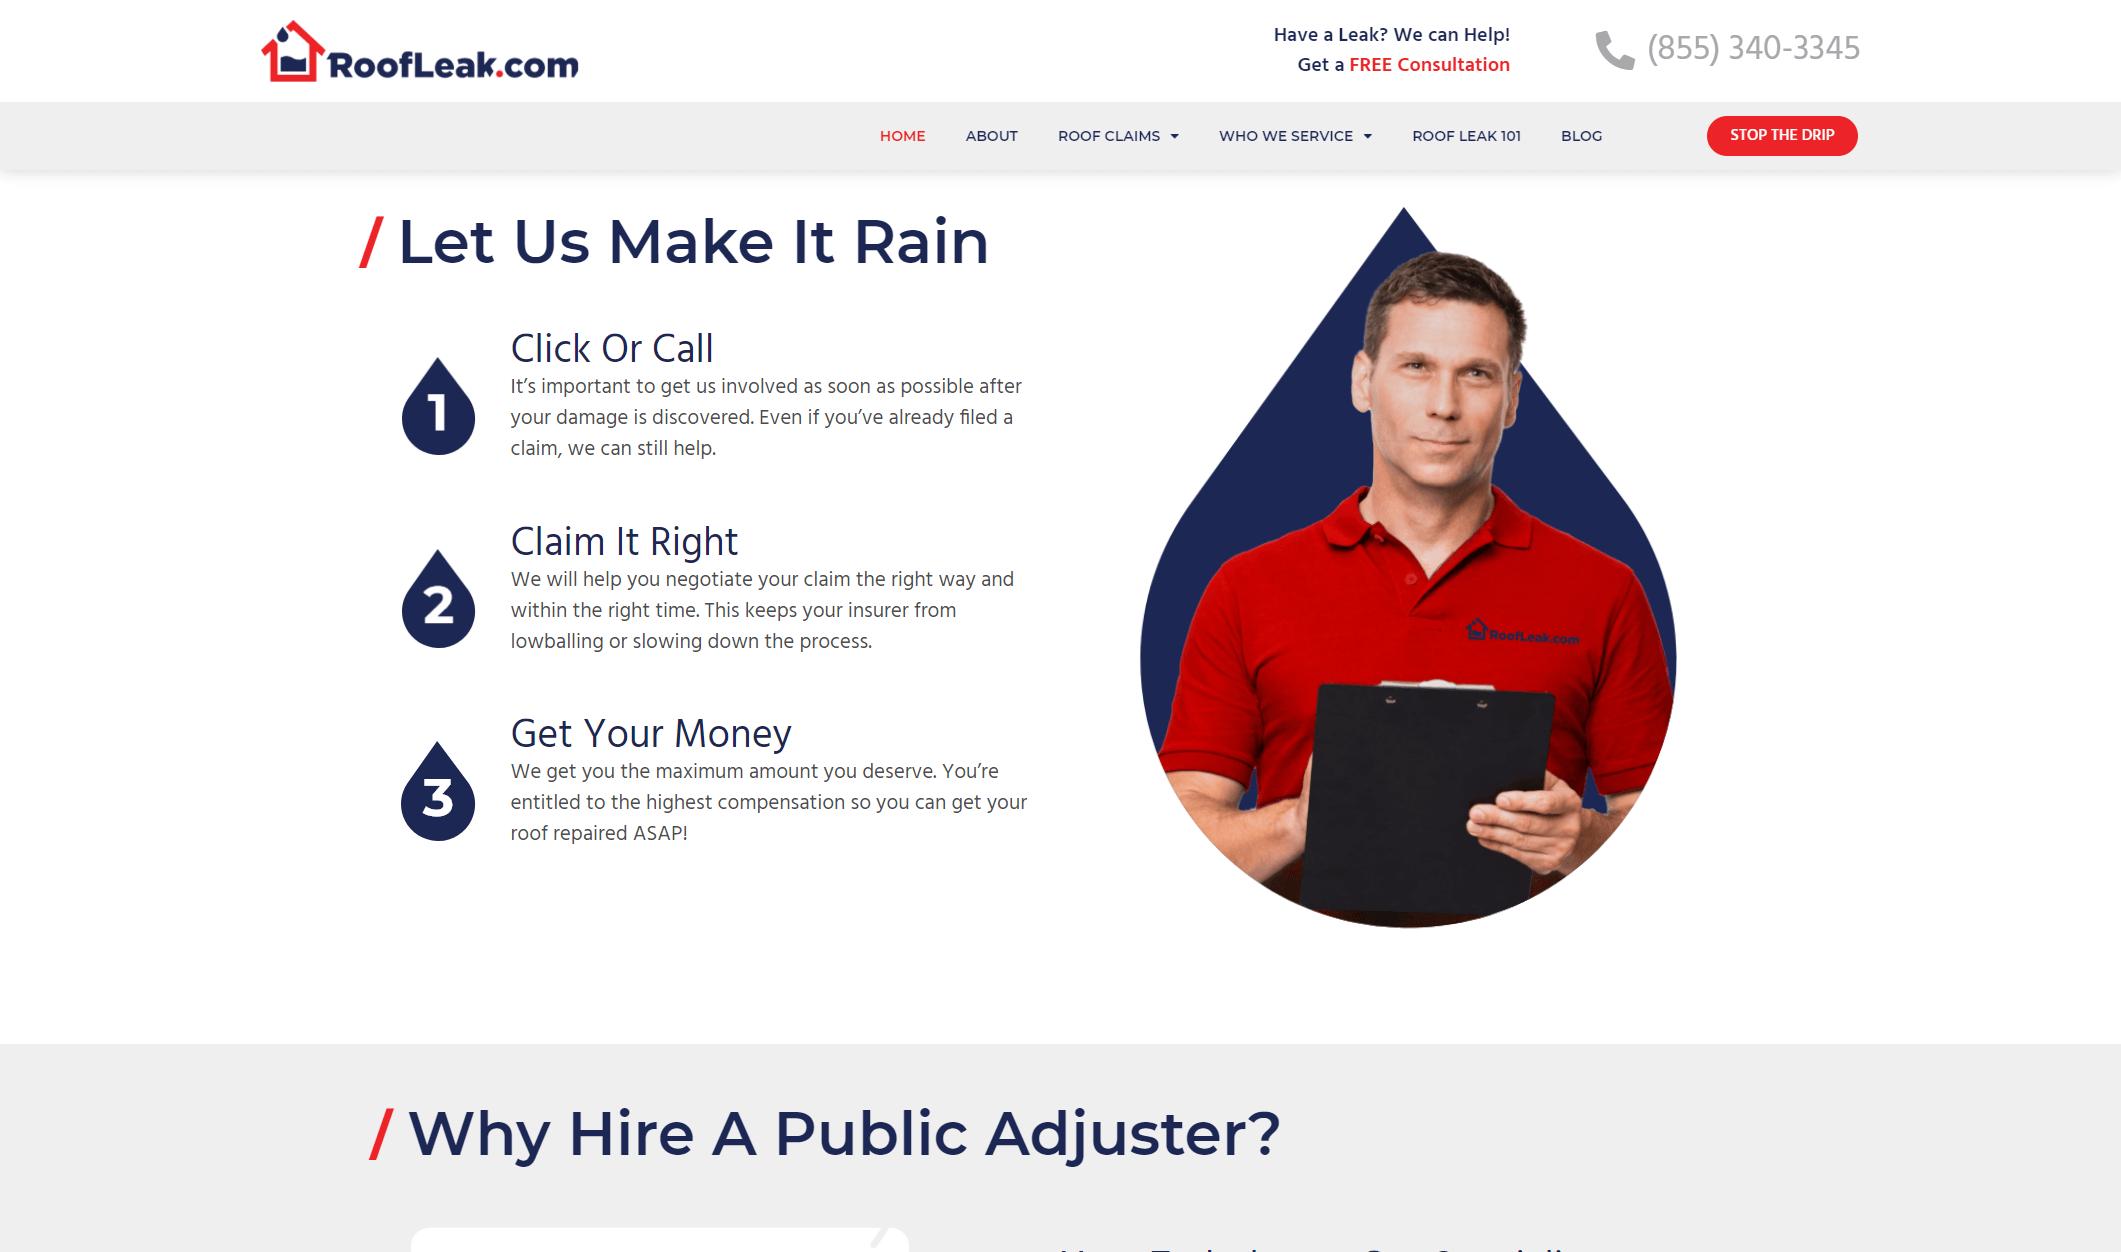 www.roofleak.com-2